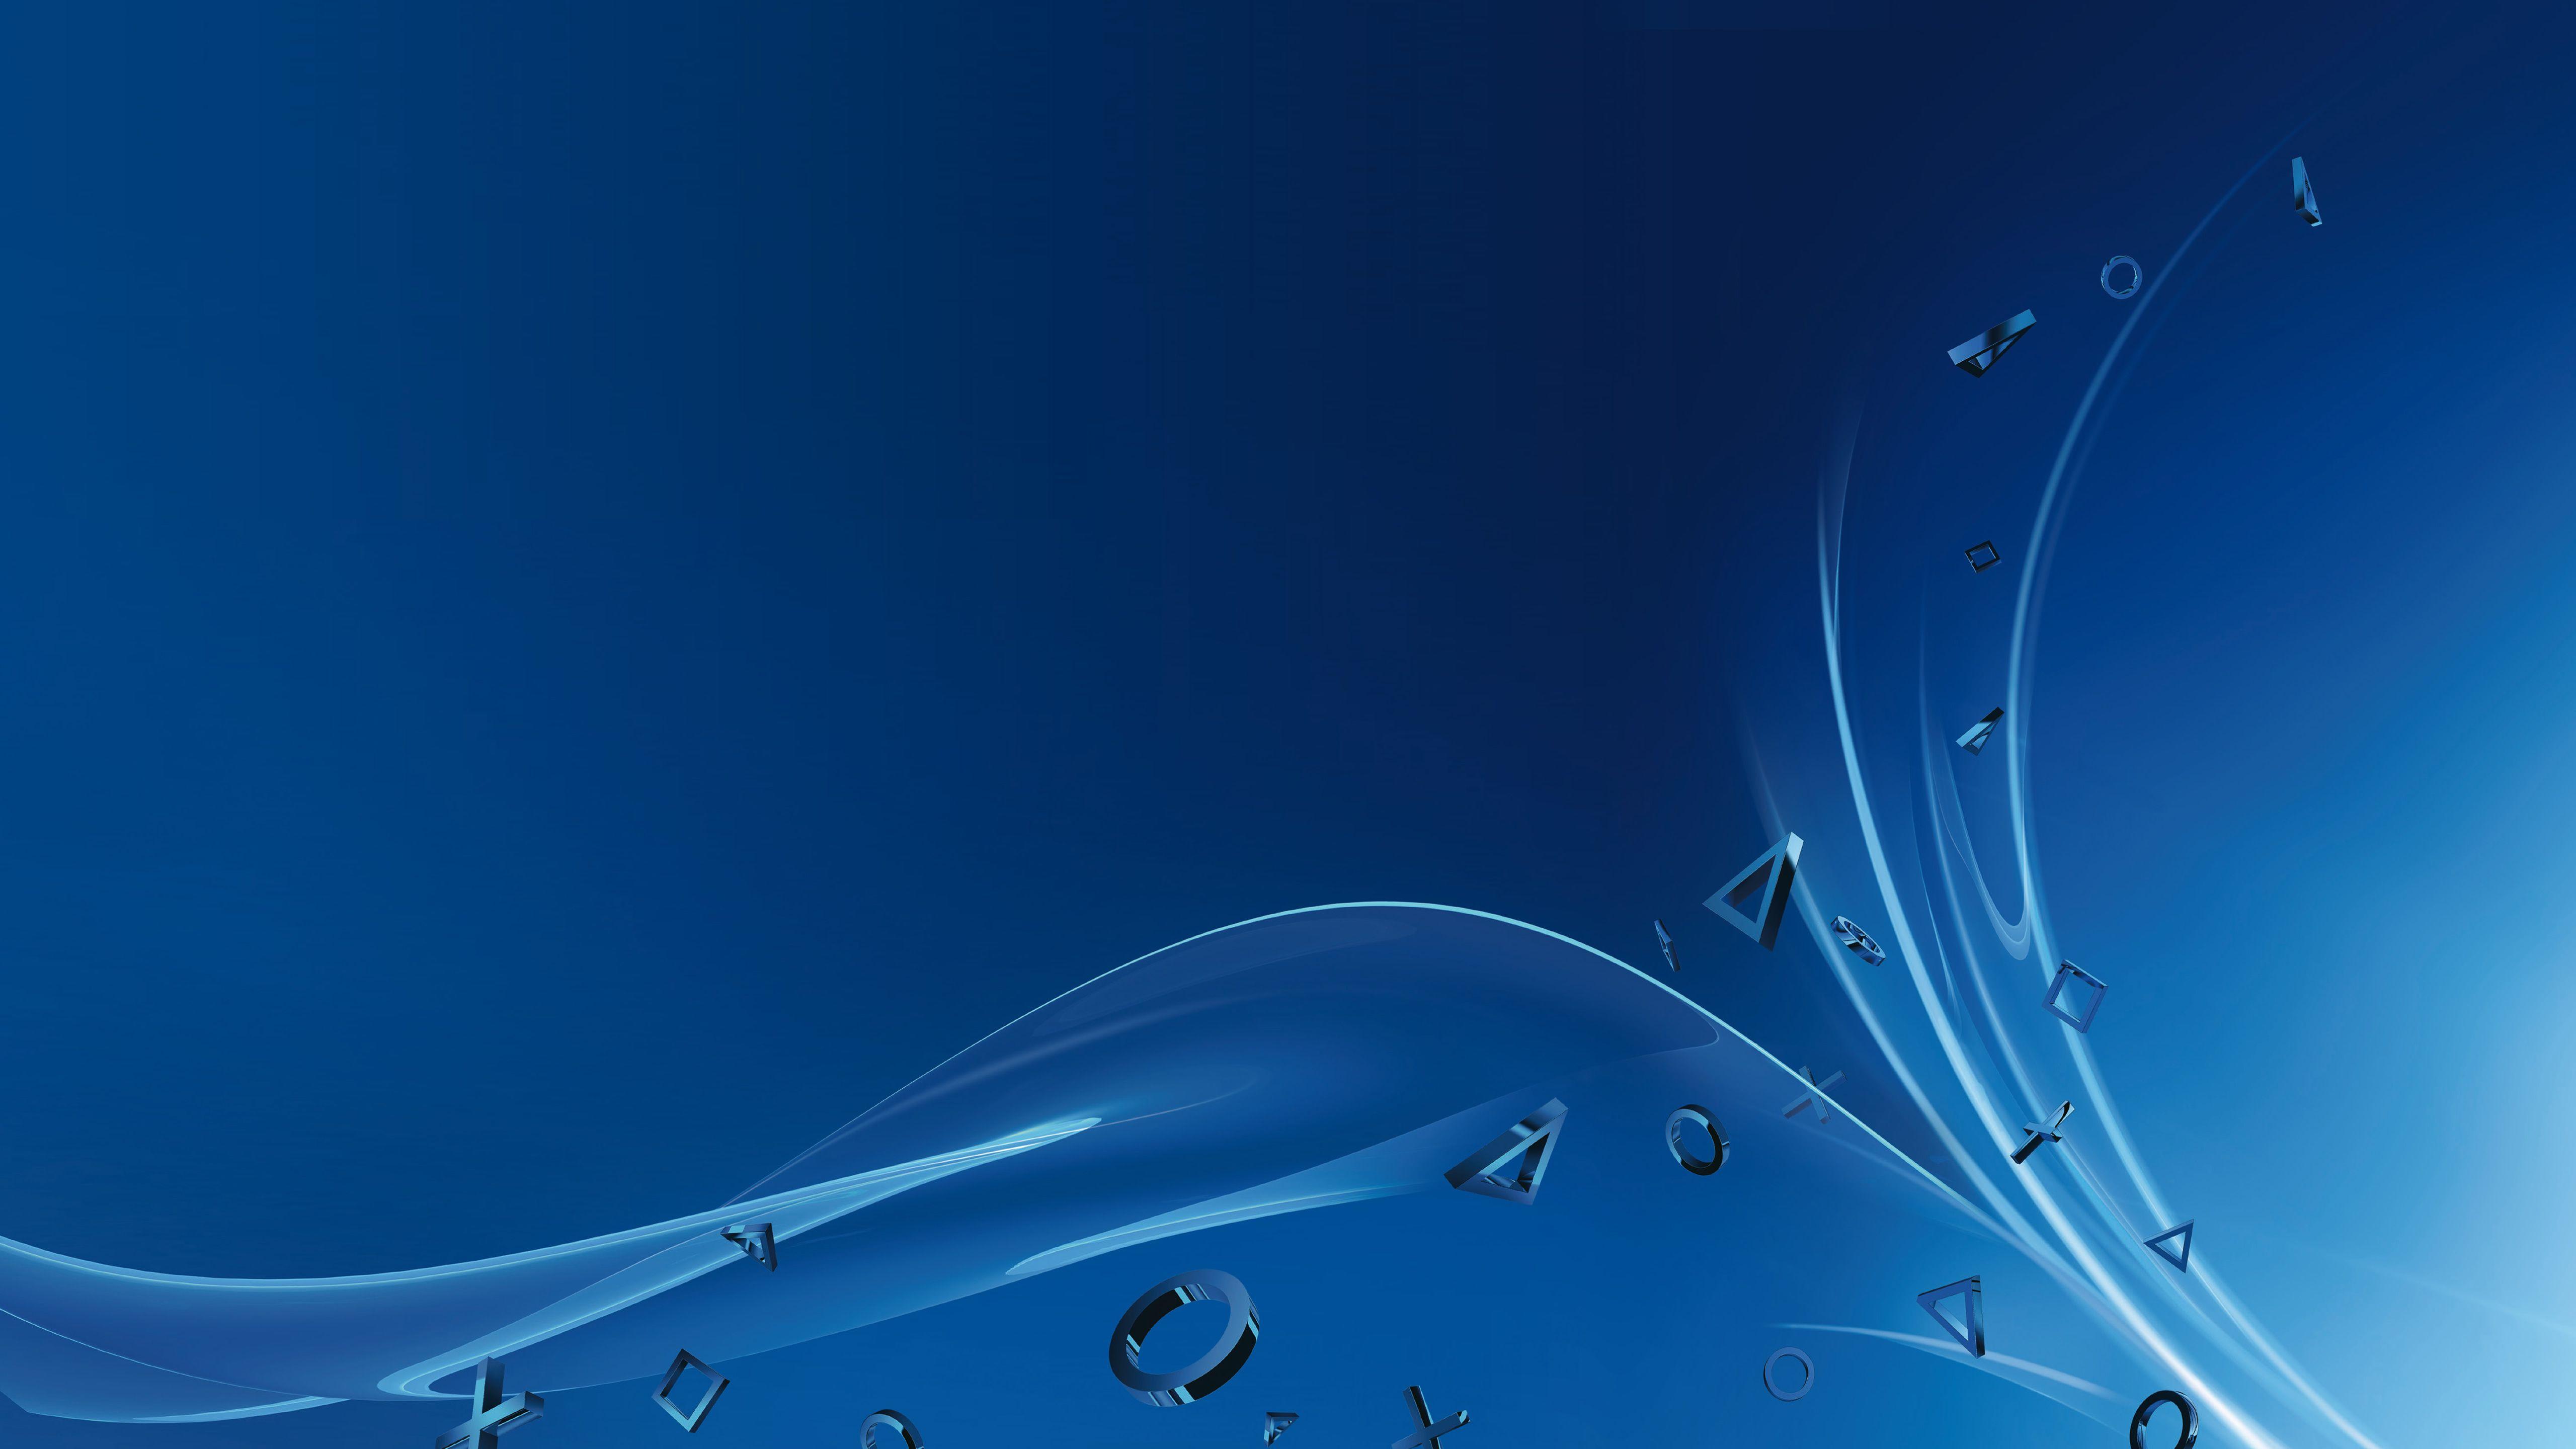 PS4 Wallpaper 4K HD Wallpaper | All Wallpapers | Pinterest | Wallpaper